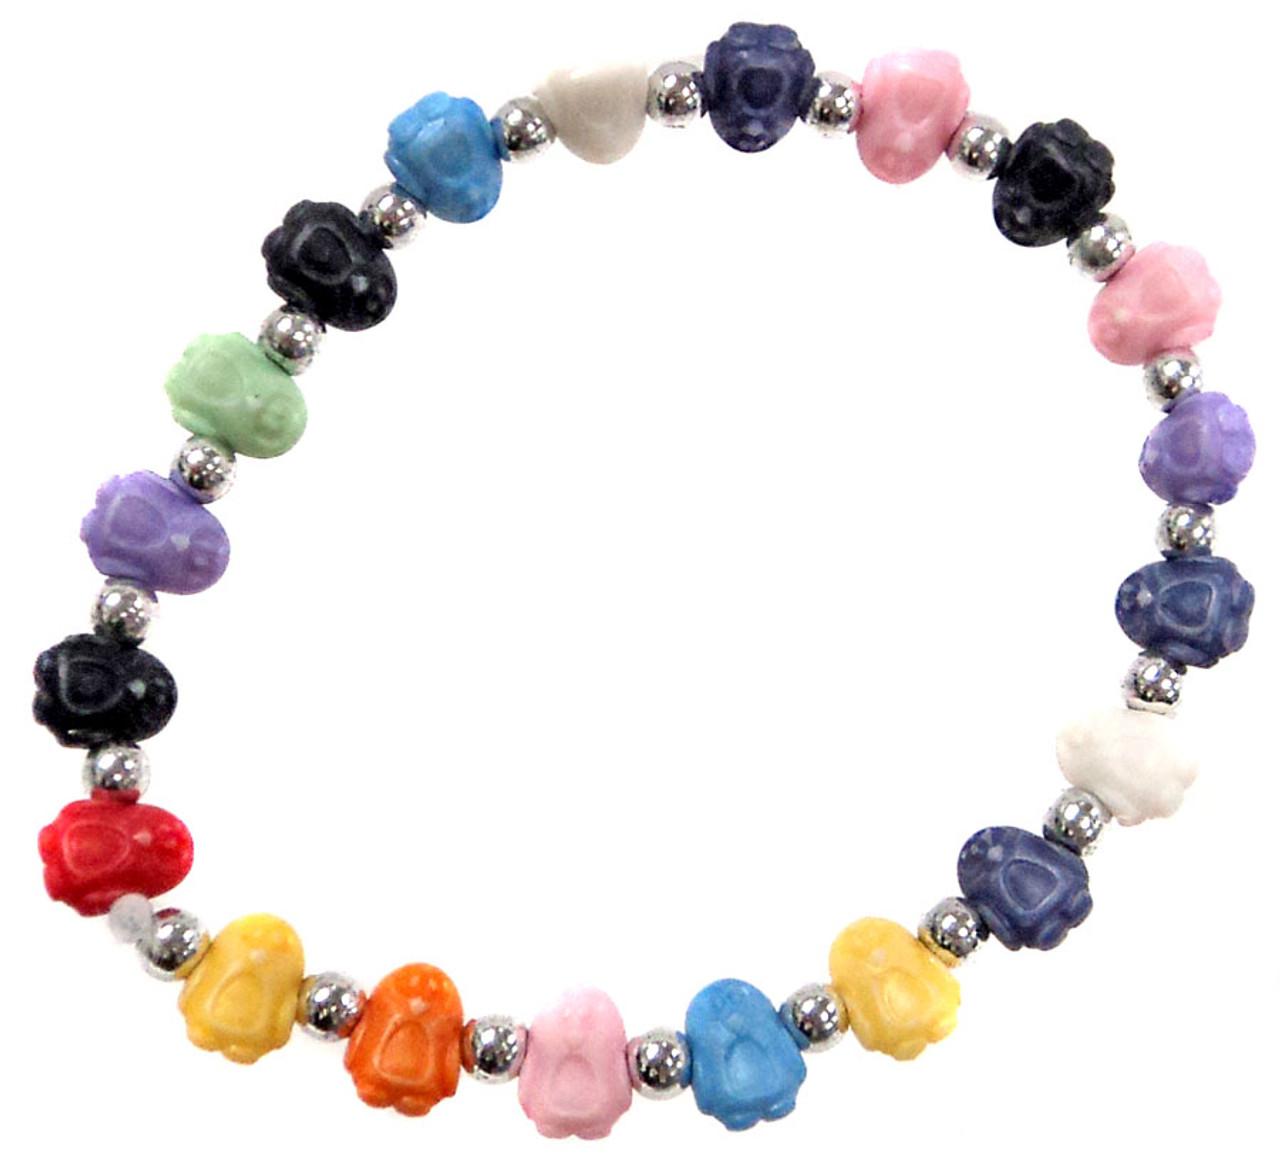 Penguinz Rainbow Penguins Bracelet